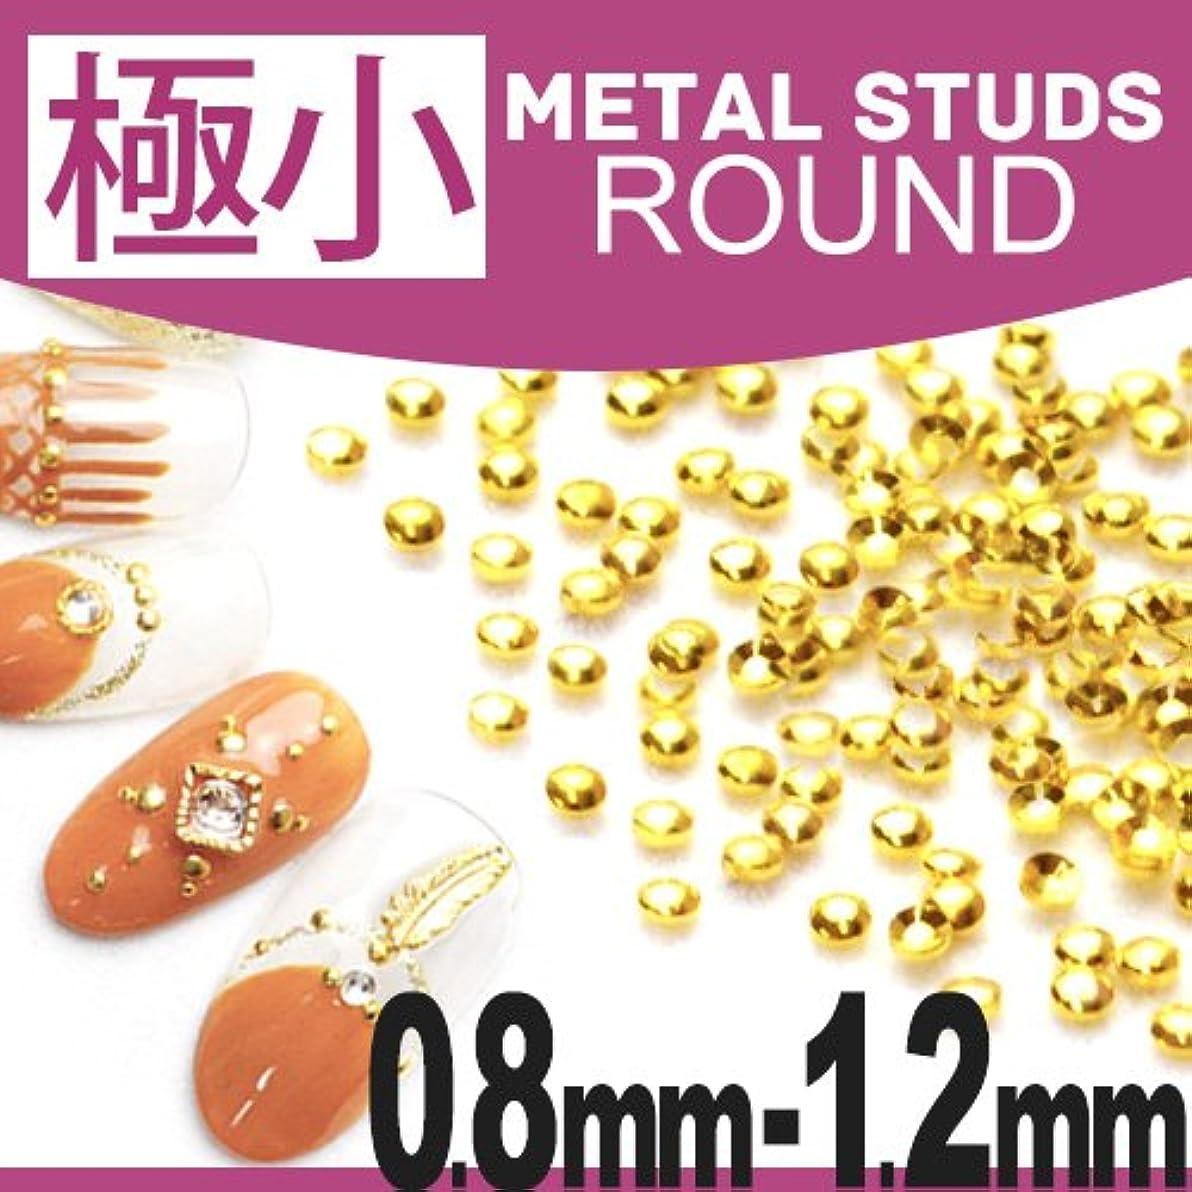 極小ラウンドメタルスタッズ 1.0mm[シルバー] メタルパーツ ジェルネイル